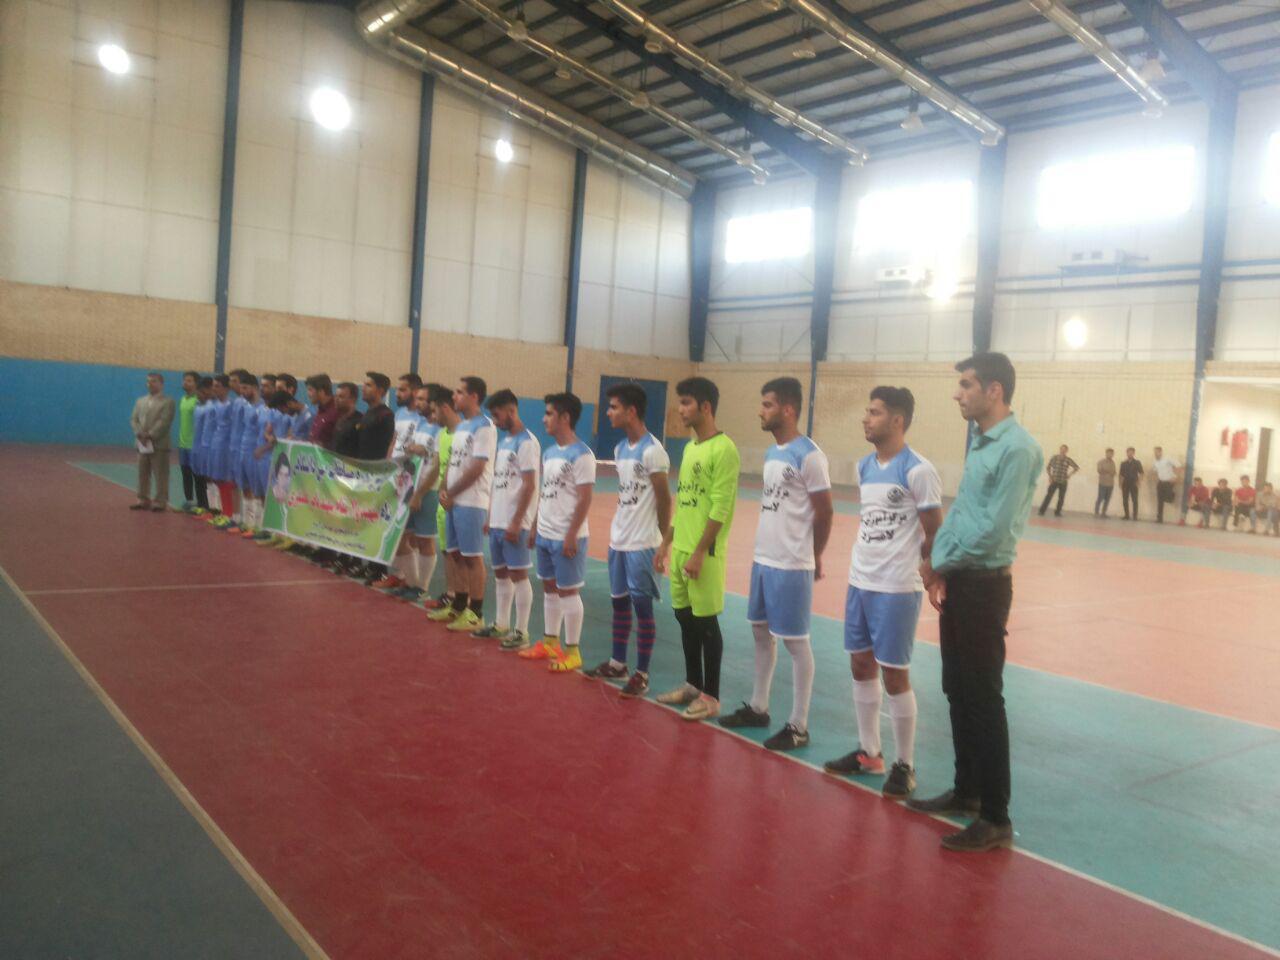 پیروزی تیم فوتسال مرکز آموزش عالی لامرد در مسابقات بین دانشگاهی شهرستان لامرد